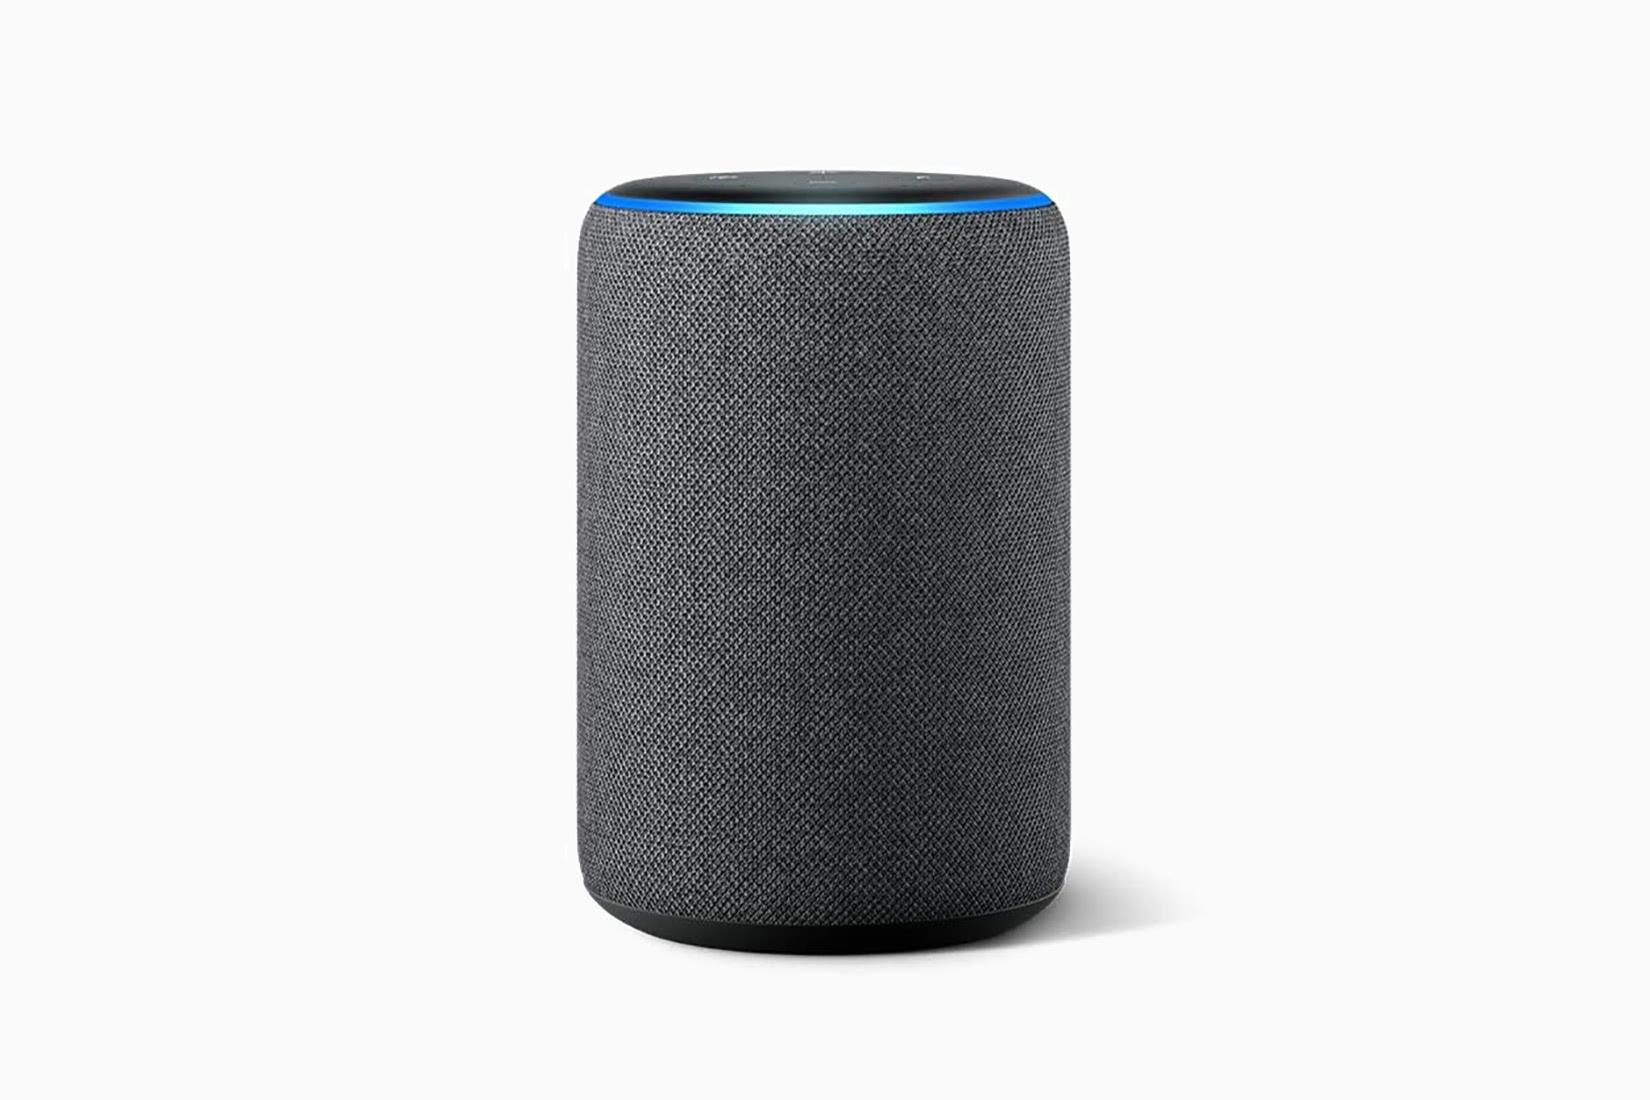 best wireless speakers amazon echo 3rd gen - Luxe Digital